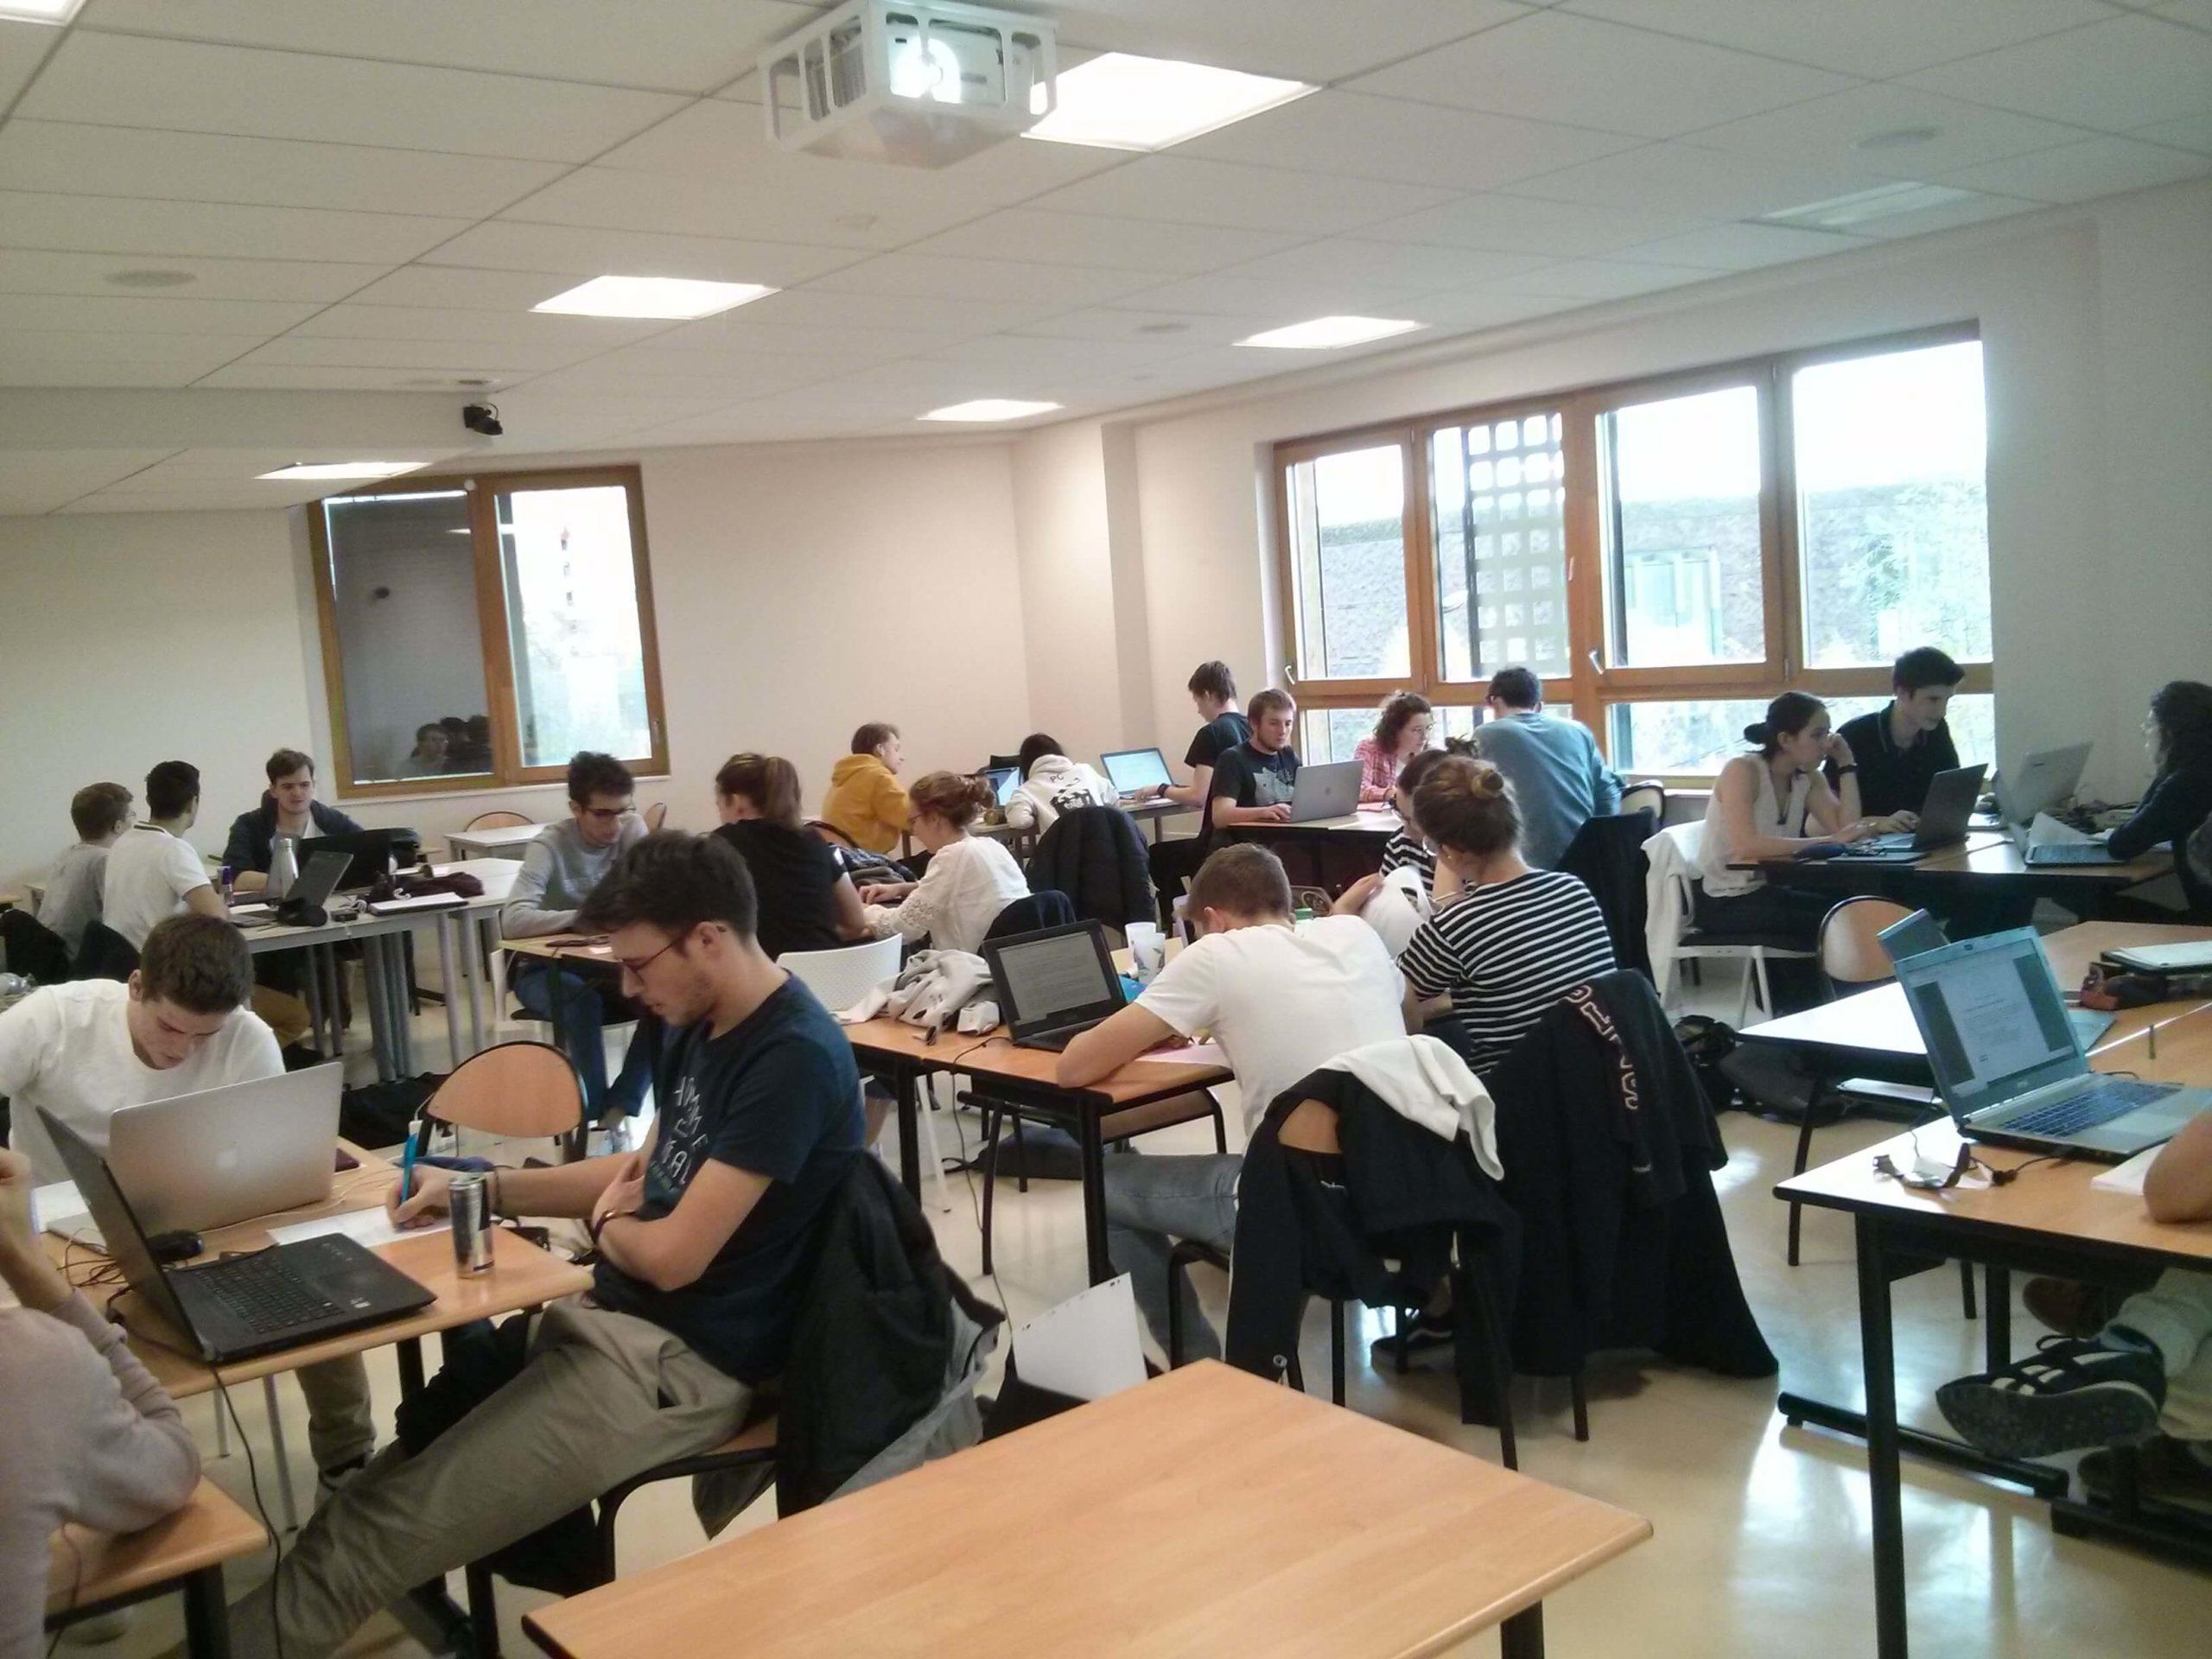 La Fondation soutien KIRO, un concours de recherche opérationnelle organisé par des élèves des Ponts